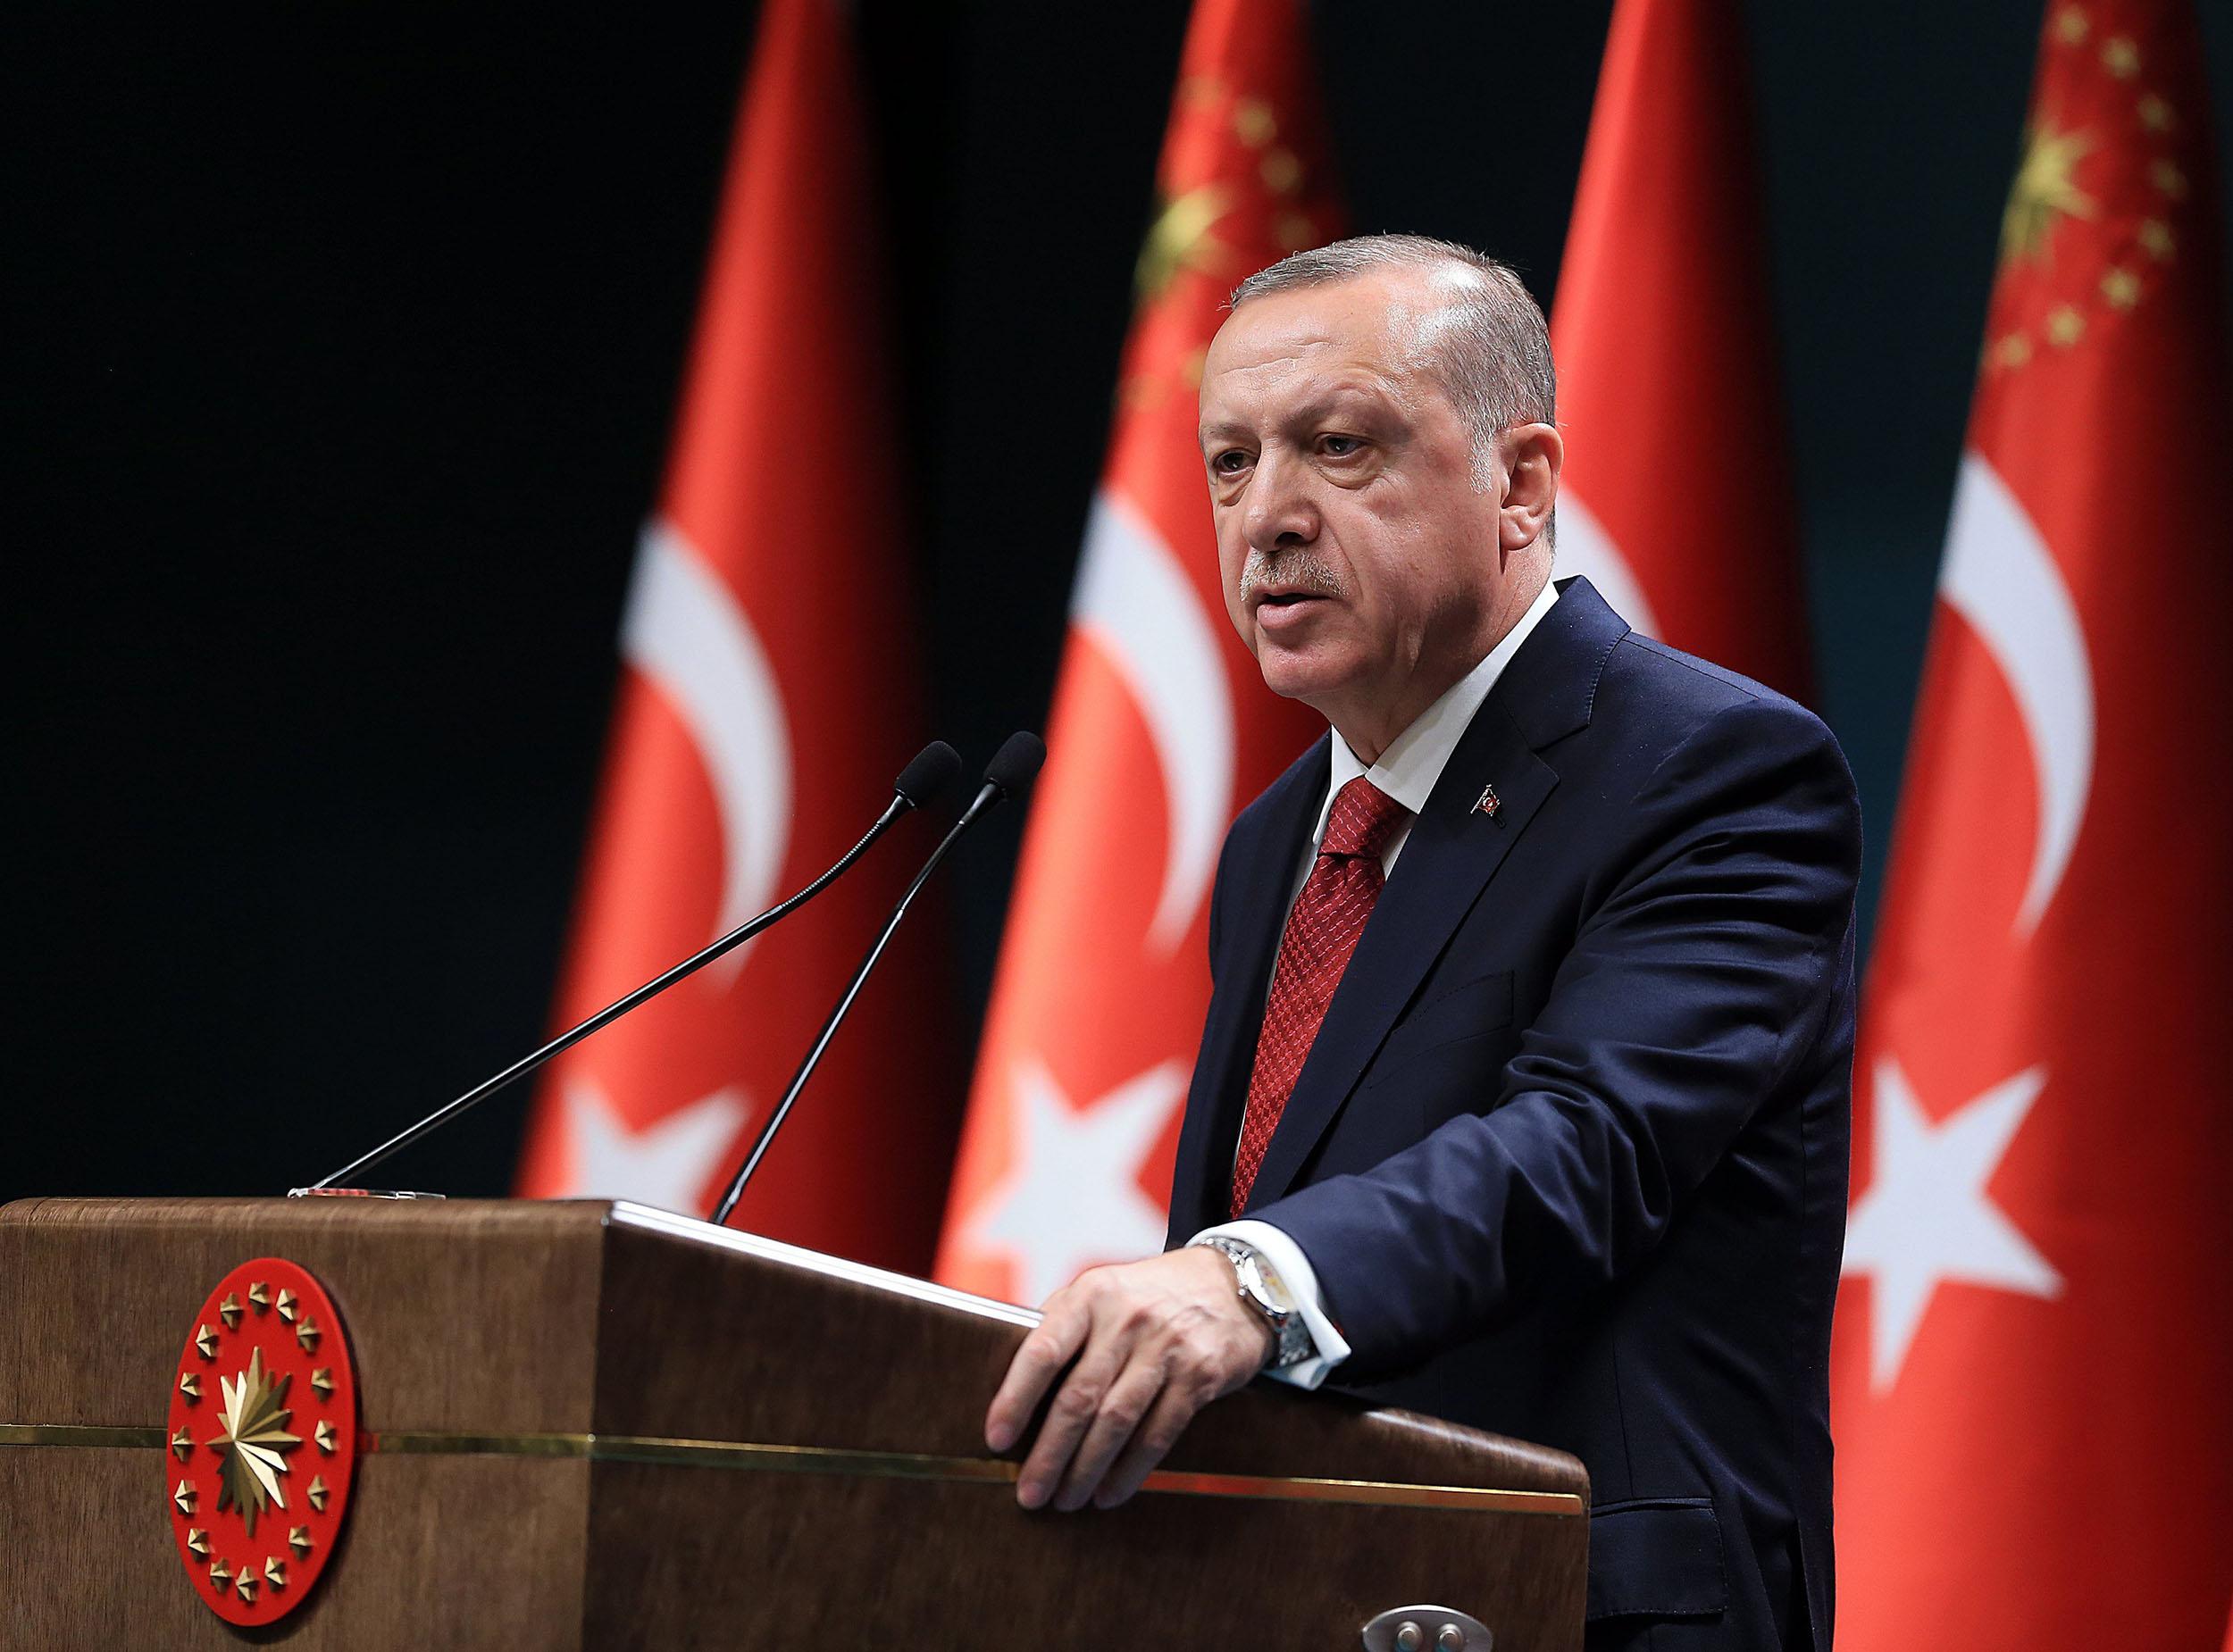 Turchia: quali sono gli obiettivi di Erdogan per rinforzare il proprio potere?